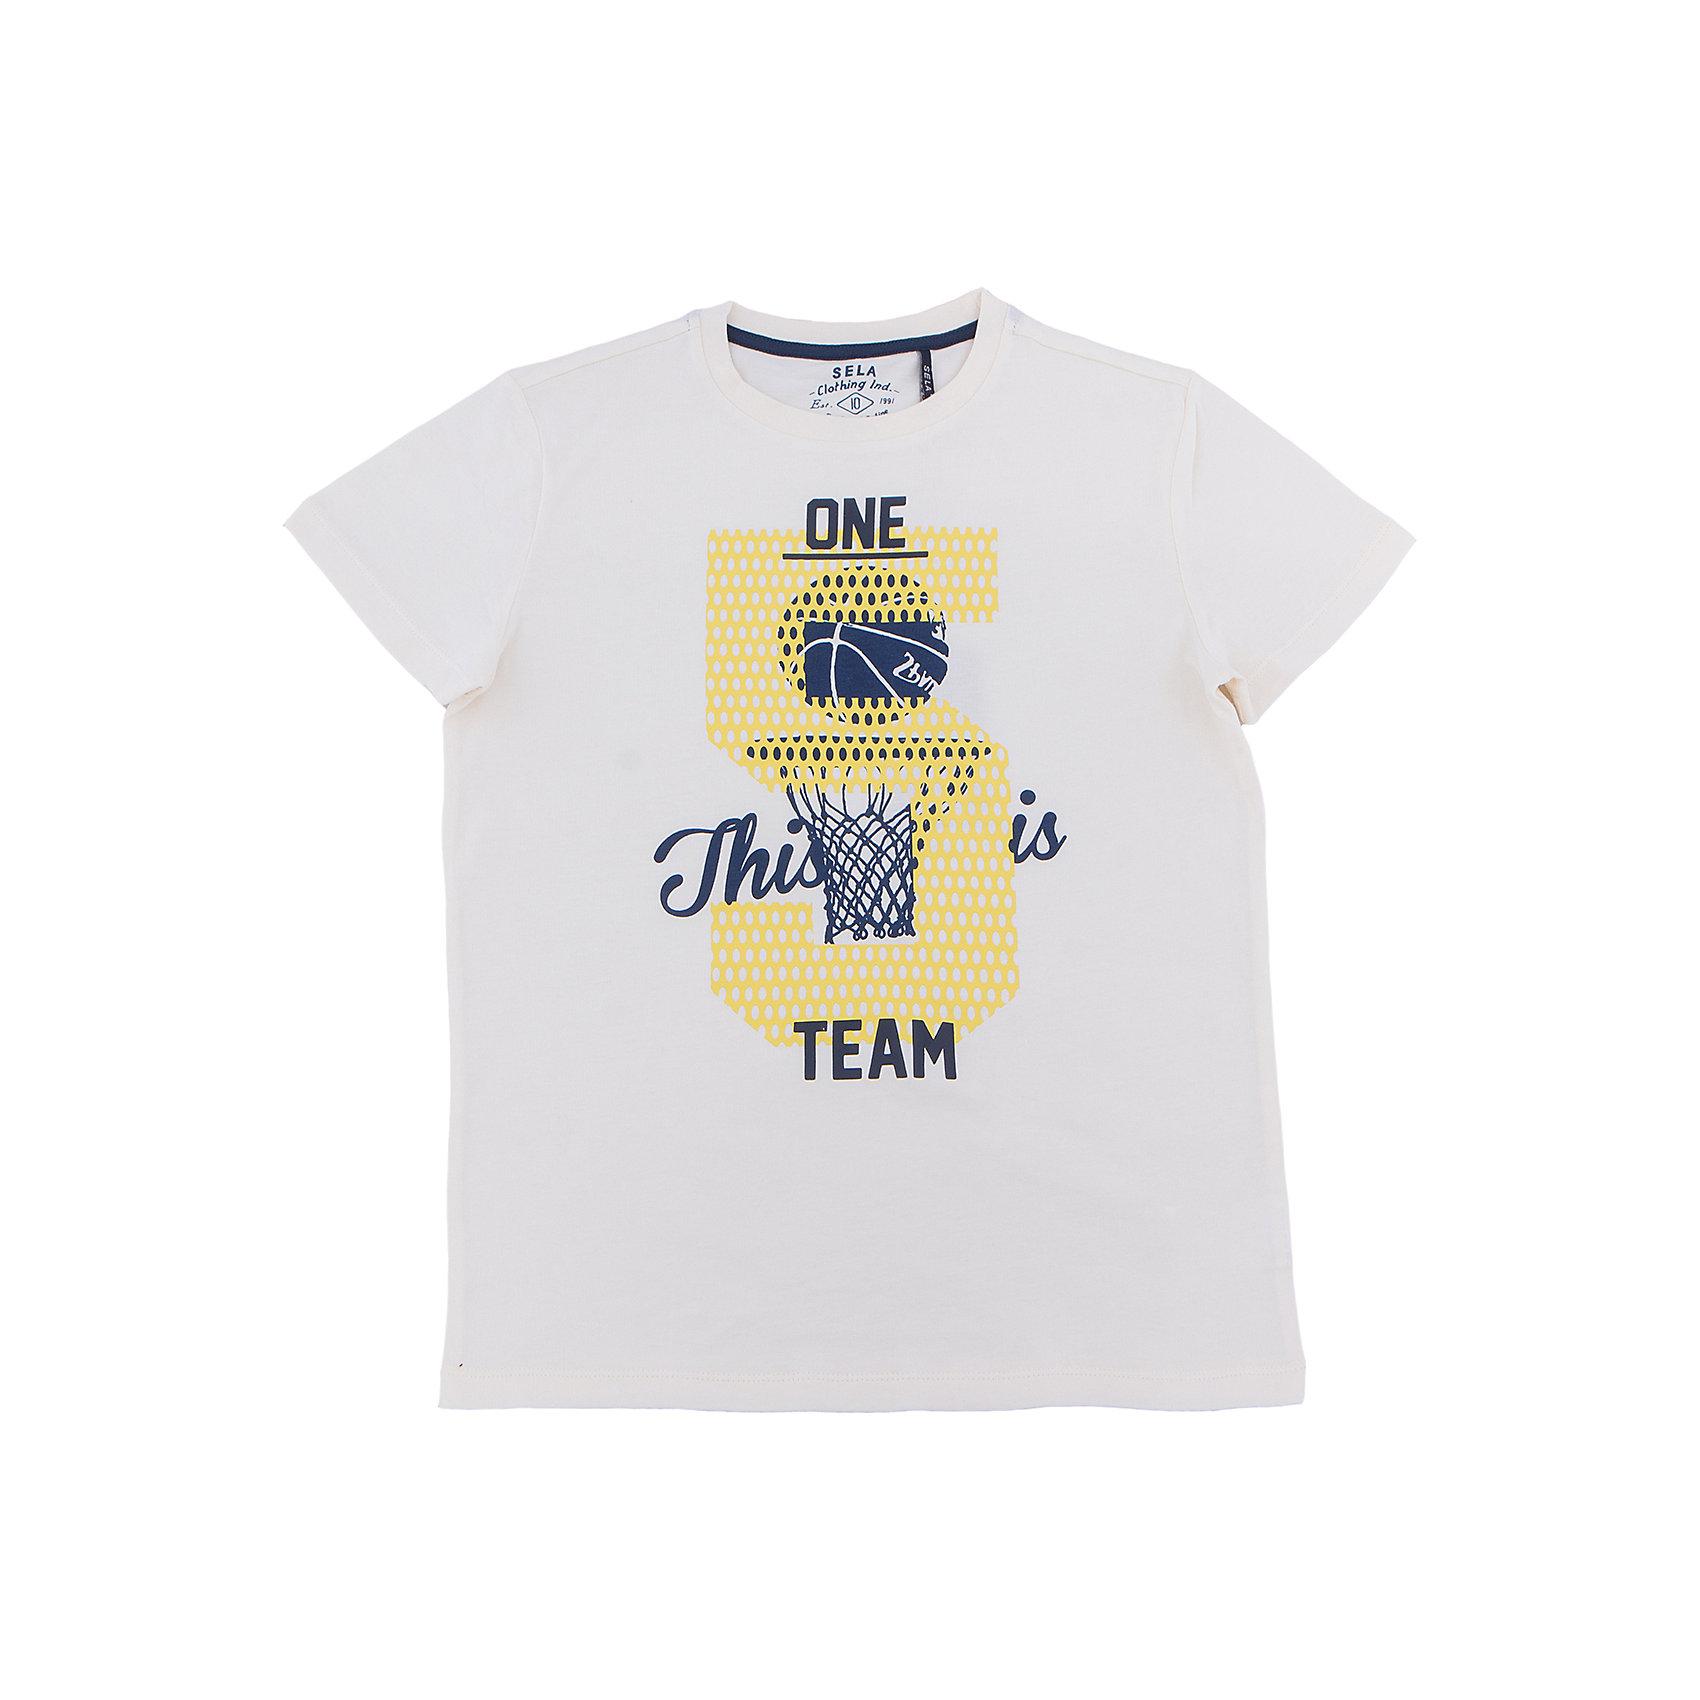 Футболка  для мальчика SELAХарактеристики товара:<br><br>• цвет: серый<br>• состав: 100% хлопок<br>• принт<br>• короткие рукава<br>• округлый горловой вырез<br>• коллекция весна-лето 2017<br>• страна бренда: Российская Федерация<br><br>В новой коллекции SELA отличные модели одежды! Эта футболка для мальчика поможет разнообразить гардероб ребенка и обеспечить комфорт. Она отлично сочетается с джинсами и брюками. В составе ткани -только дышащий гипоаллергенный хлопок!<br><br>Одежда, обувь и аксессуары от российского бренда SELA не зря пользуются большой популярностью у детей и взрослых! Модели этой марки - стильные и удобные, цена при этом неизменно остается доступной. Для их производства используются только безопасные, качественные материалы и фурнитура. Новая коллекция поддерживает хорошие традиции бренда! <br><br>Футболку для мальчика от популярного бренда SELA (СЕЛА) можно купить в нашем интернет-магазине.<br><br>Ширина мм: 230<br>Глубина мм: 40<br>Высота мм: 220<br>Вес г: 250<br>Цвет: серый<br>Возраст от месяцев: 96<br>Возраст до месяцев: 108<br>Пол: Мужской<br>Возраст: Детский<br>Размер: 116,140,146,152,122,128,134<br>SKU: 5304160